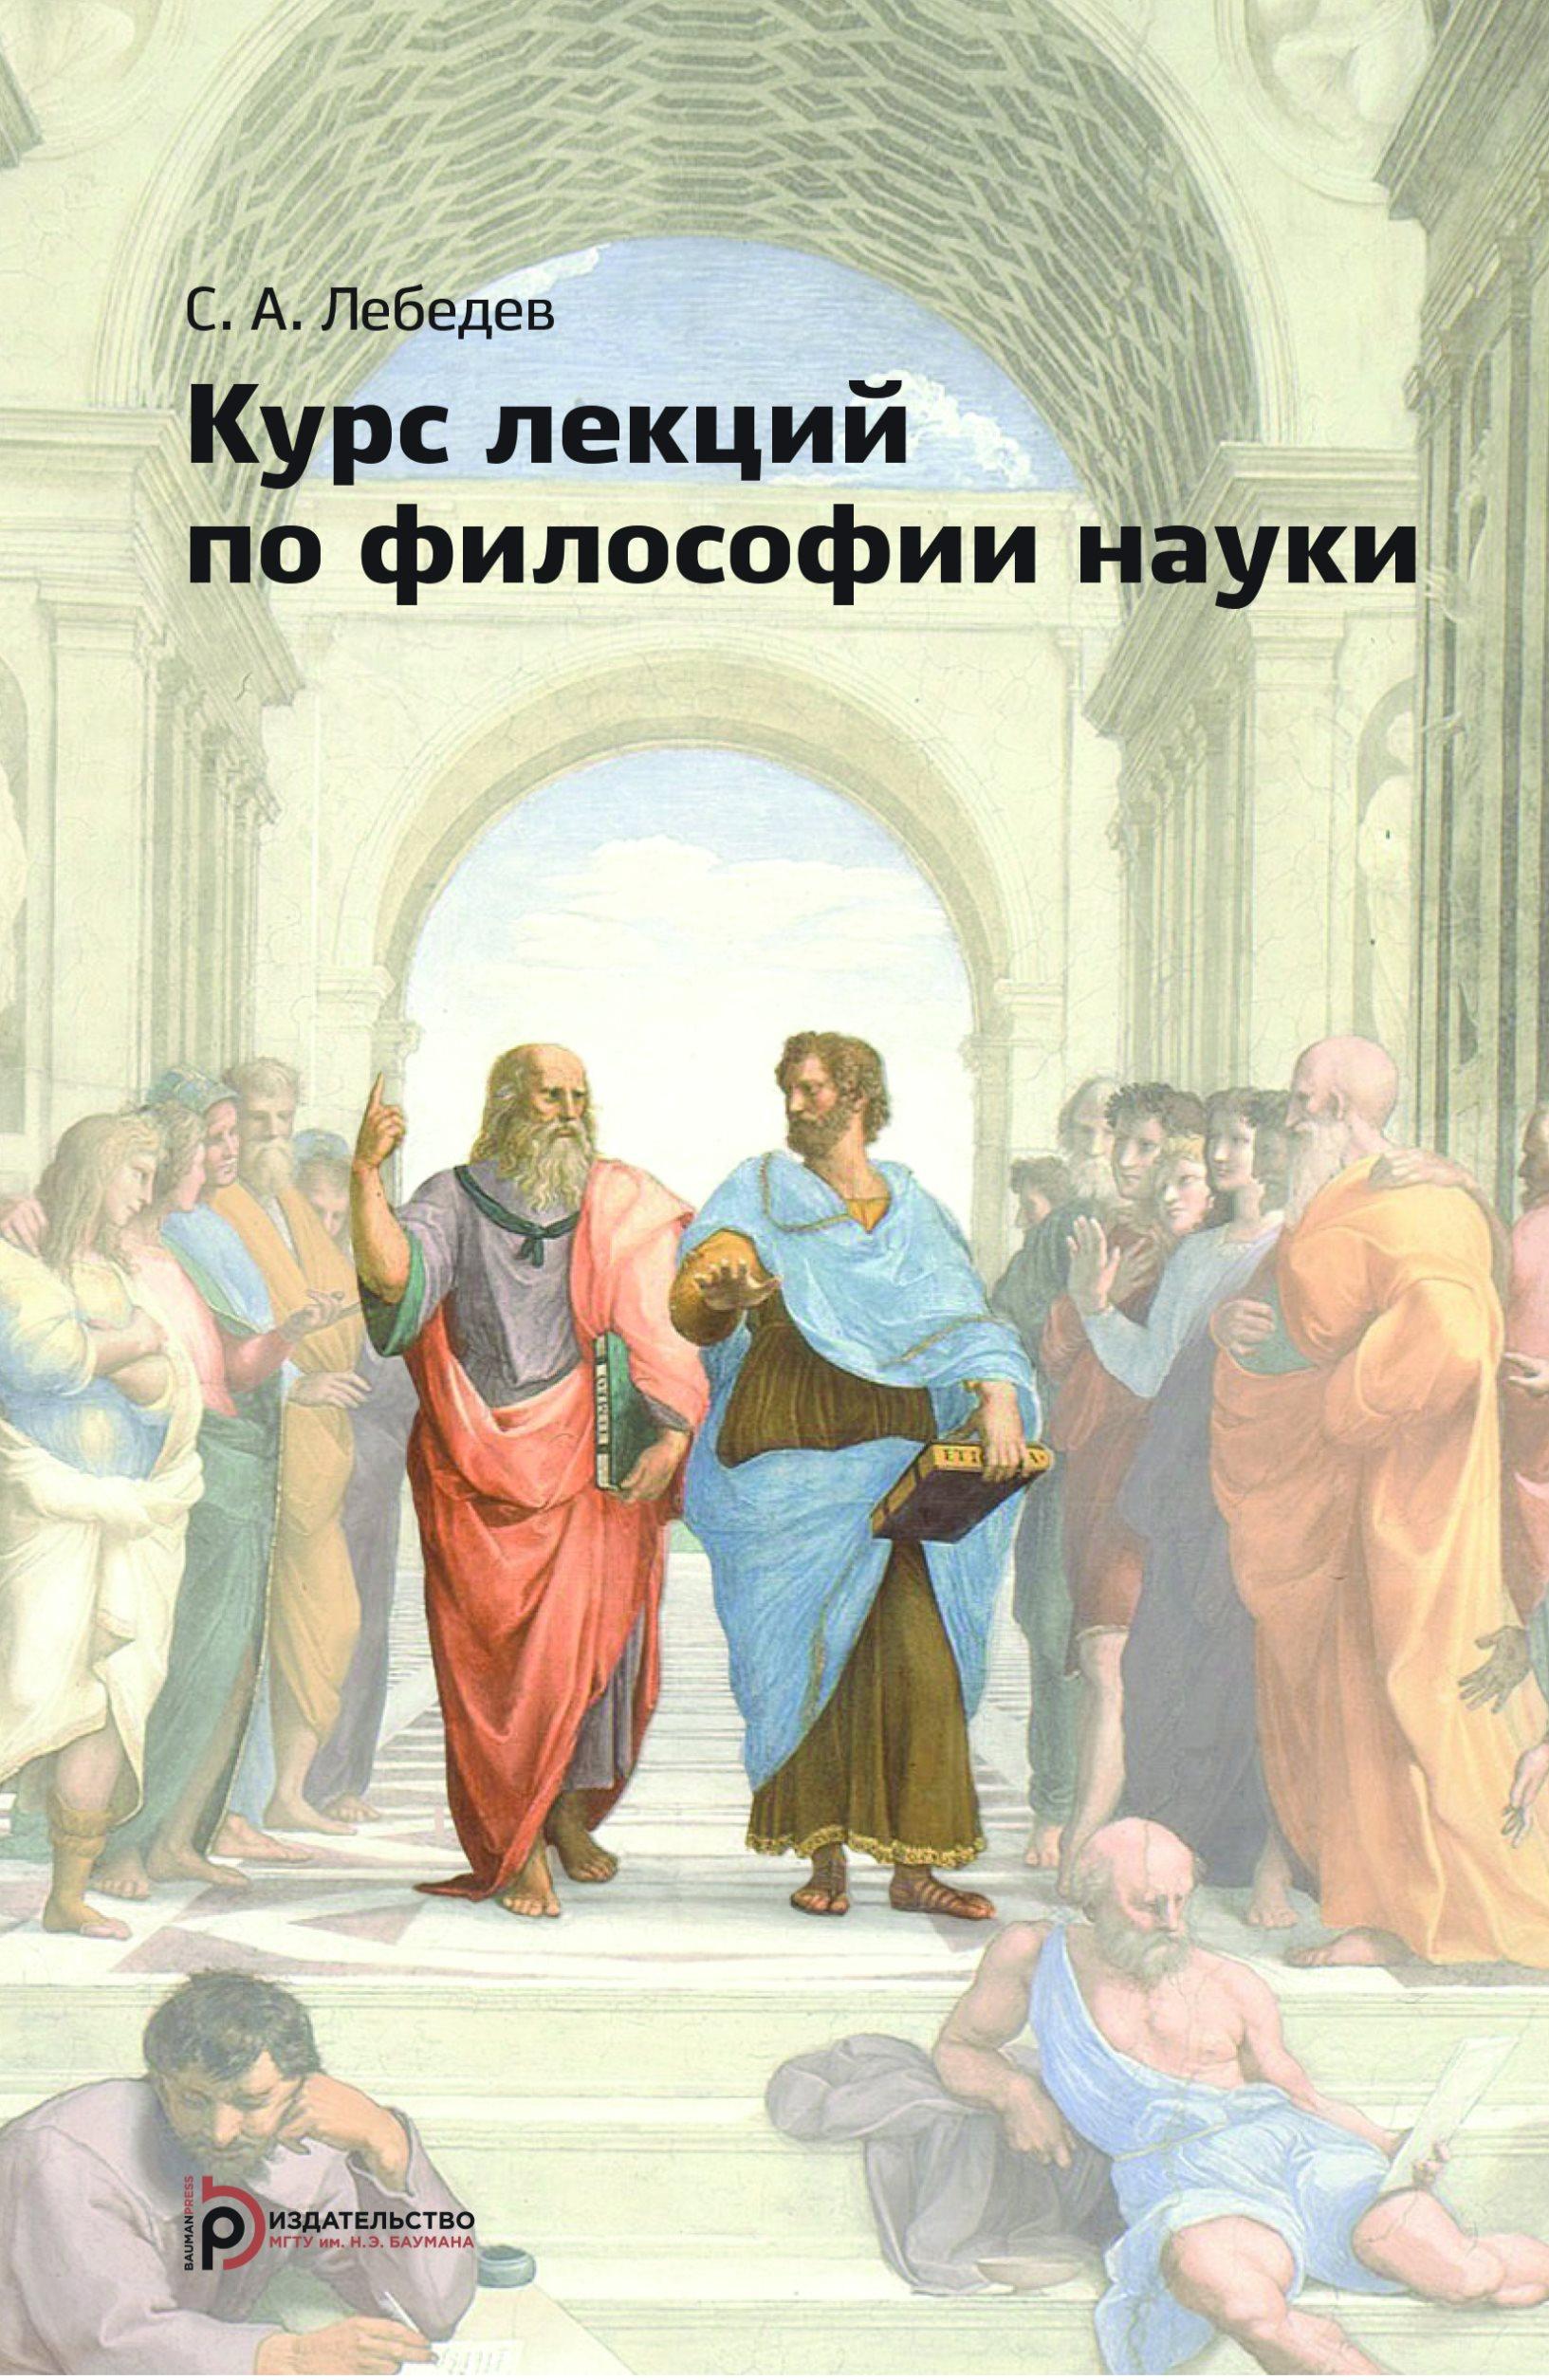 купить Сергей Александрович Лебедев Курс лекций по философии науки онлайн